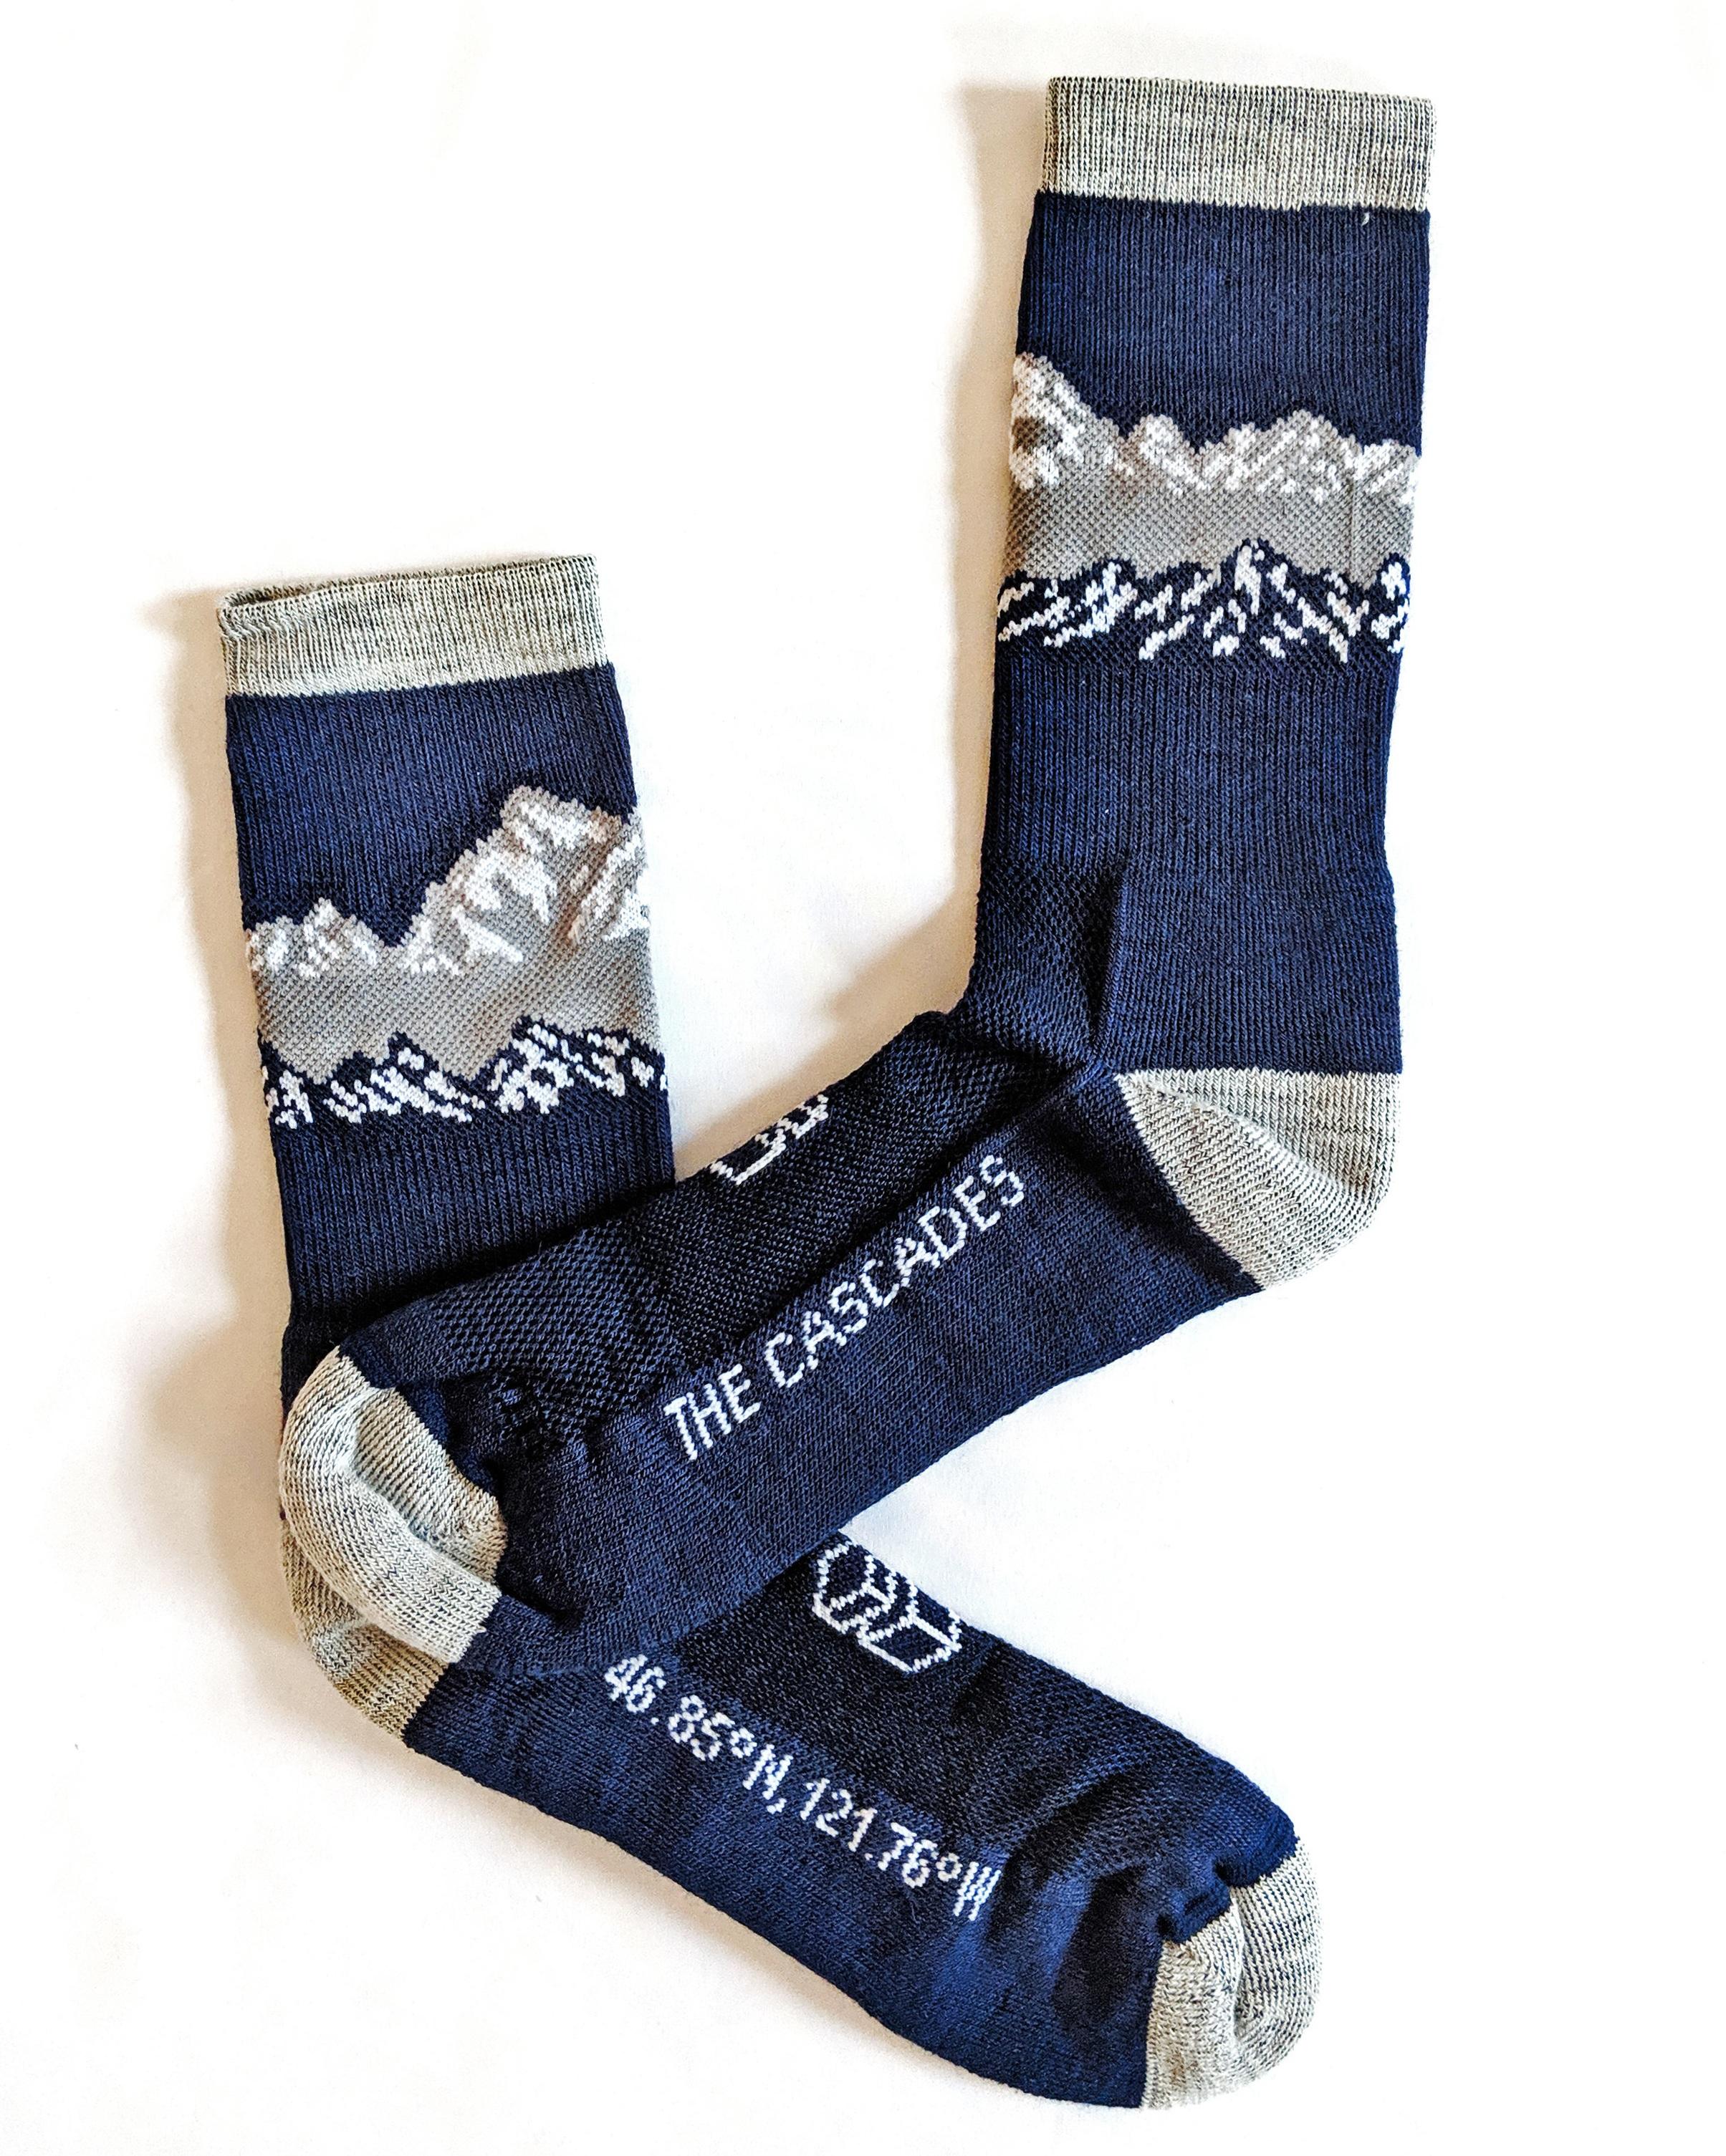 Underwear & Sleepwears Kind-Hearted Fashion Men Socks Colorful Grid Pattern Business Crew Socks Cotton Tend Funny Socks Winter Warm Dress Happy Socks Complete Range Of Articles